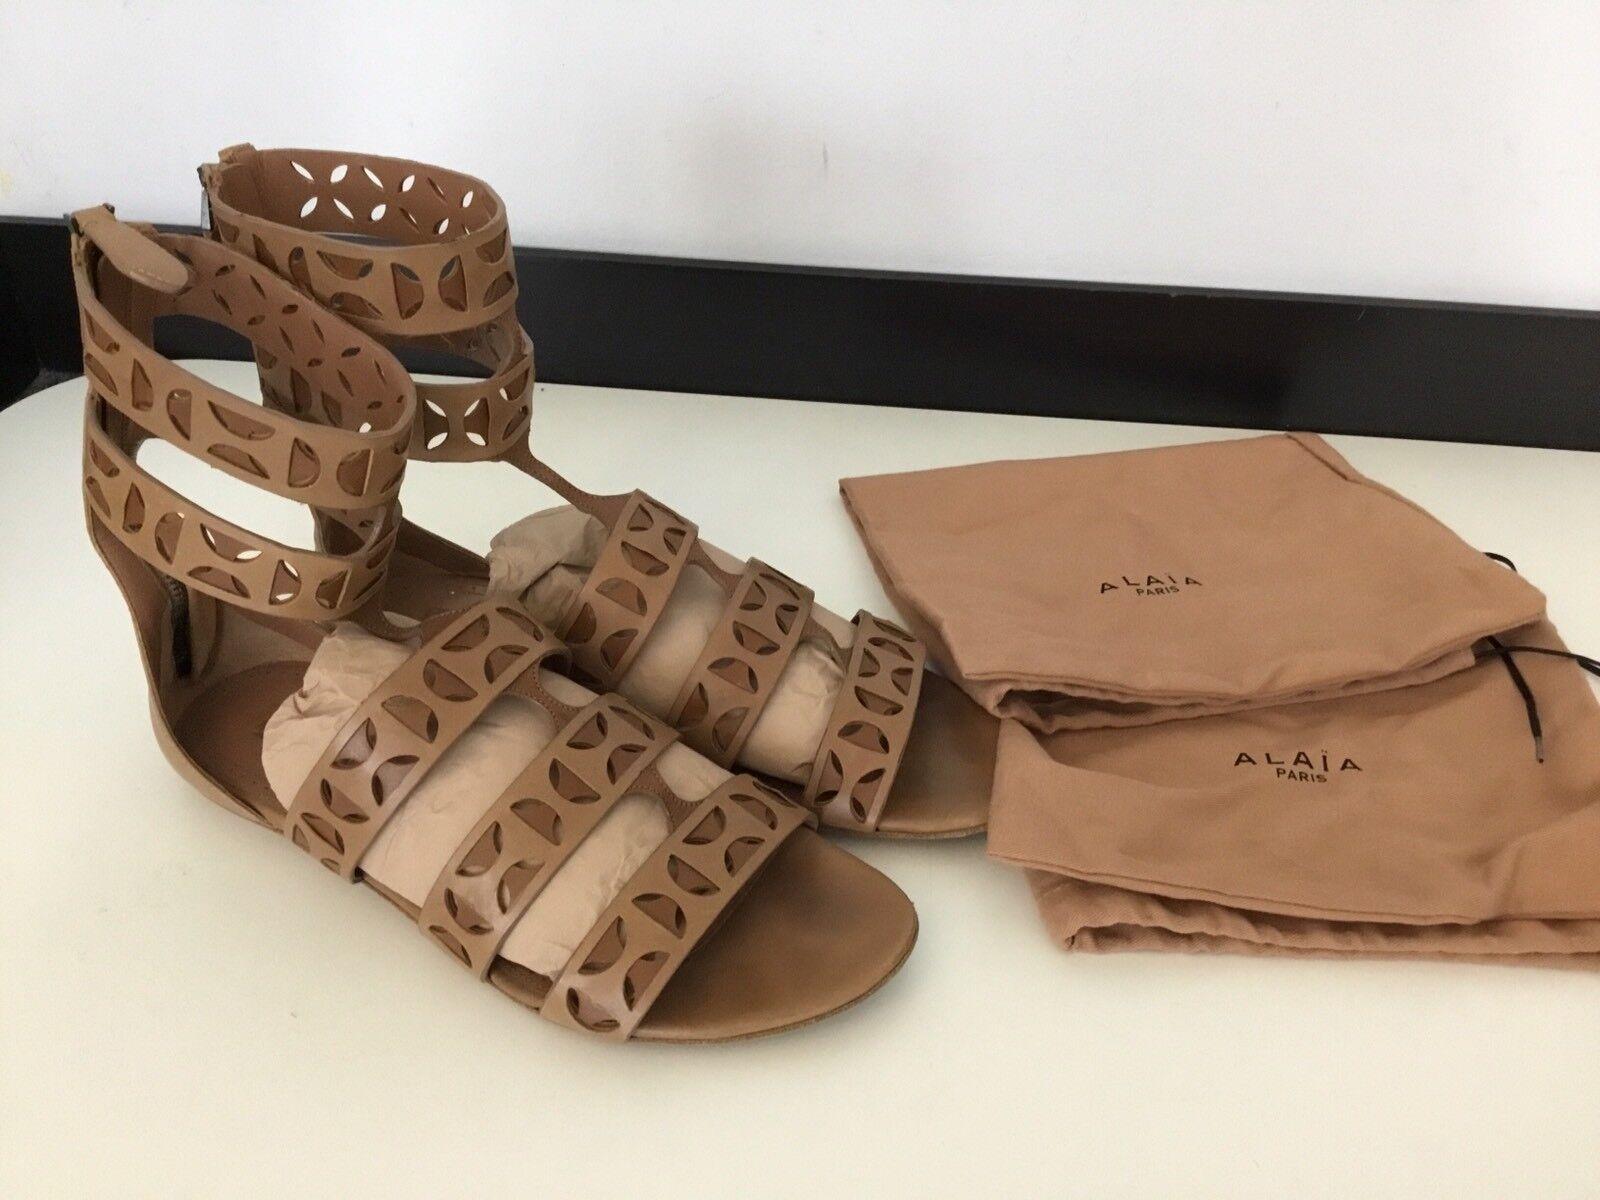 ALAIA Tan in Pelle Scarpe Sandali Gladiatore in buonissima condizione Taglia 38 Sacchetti